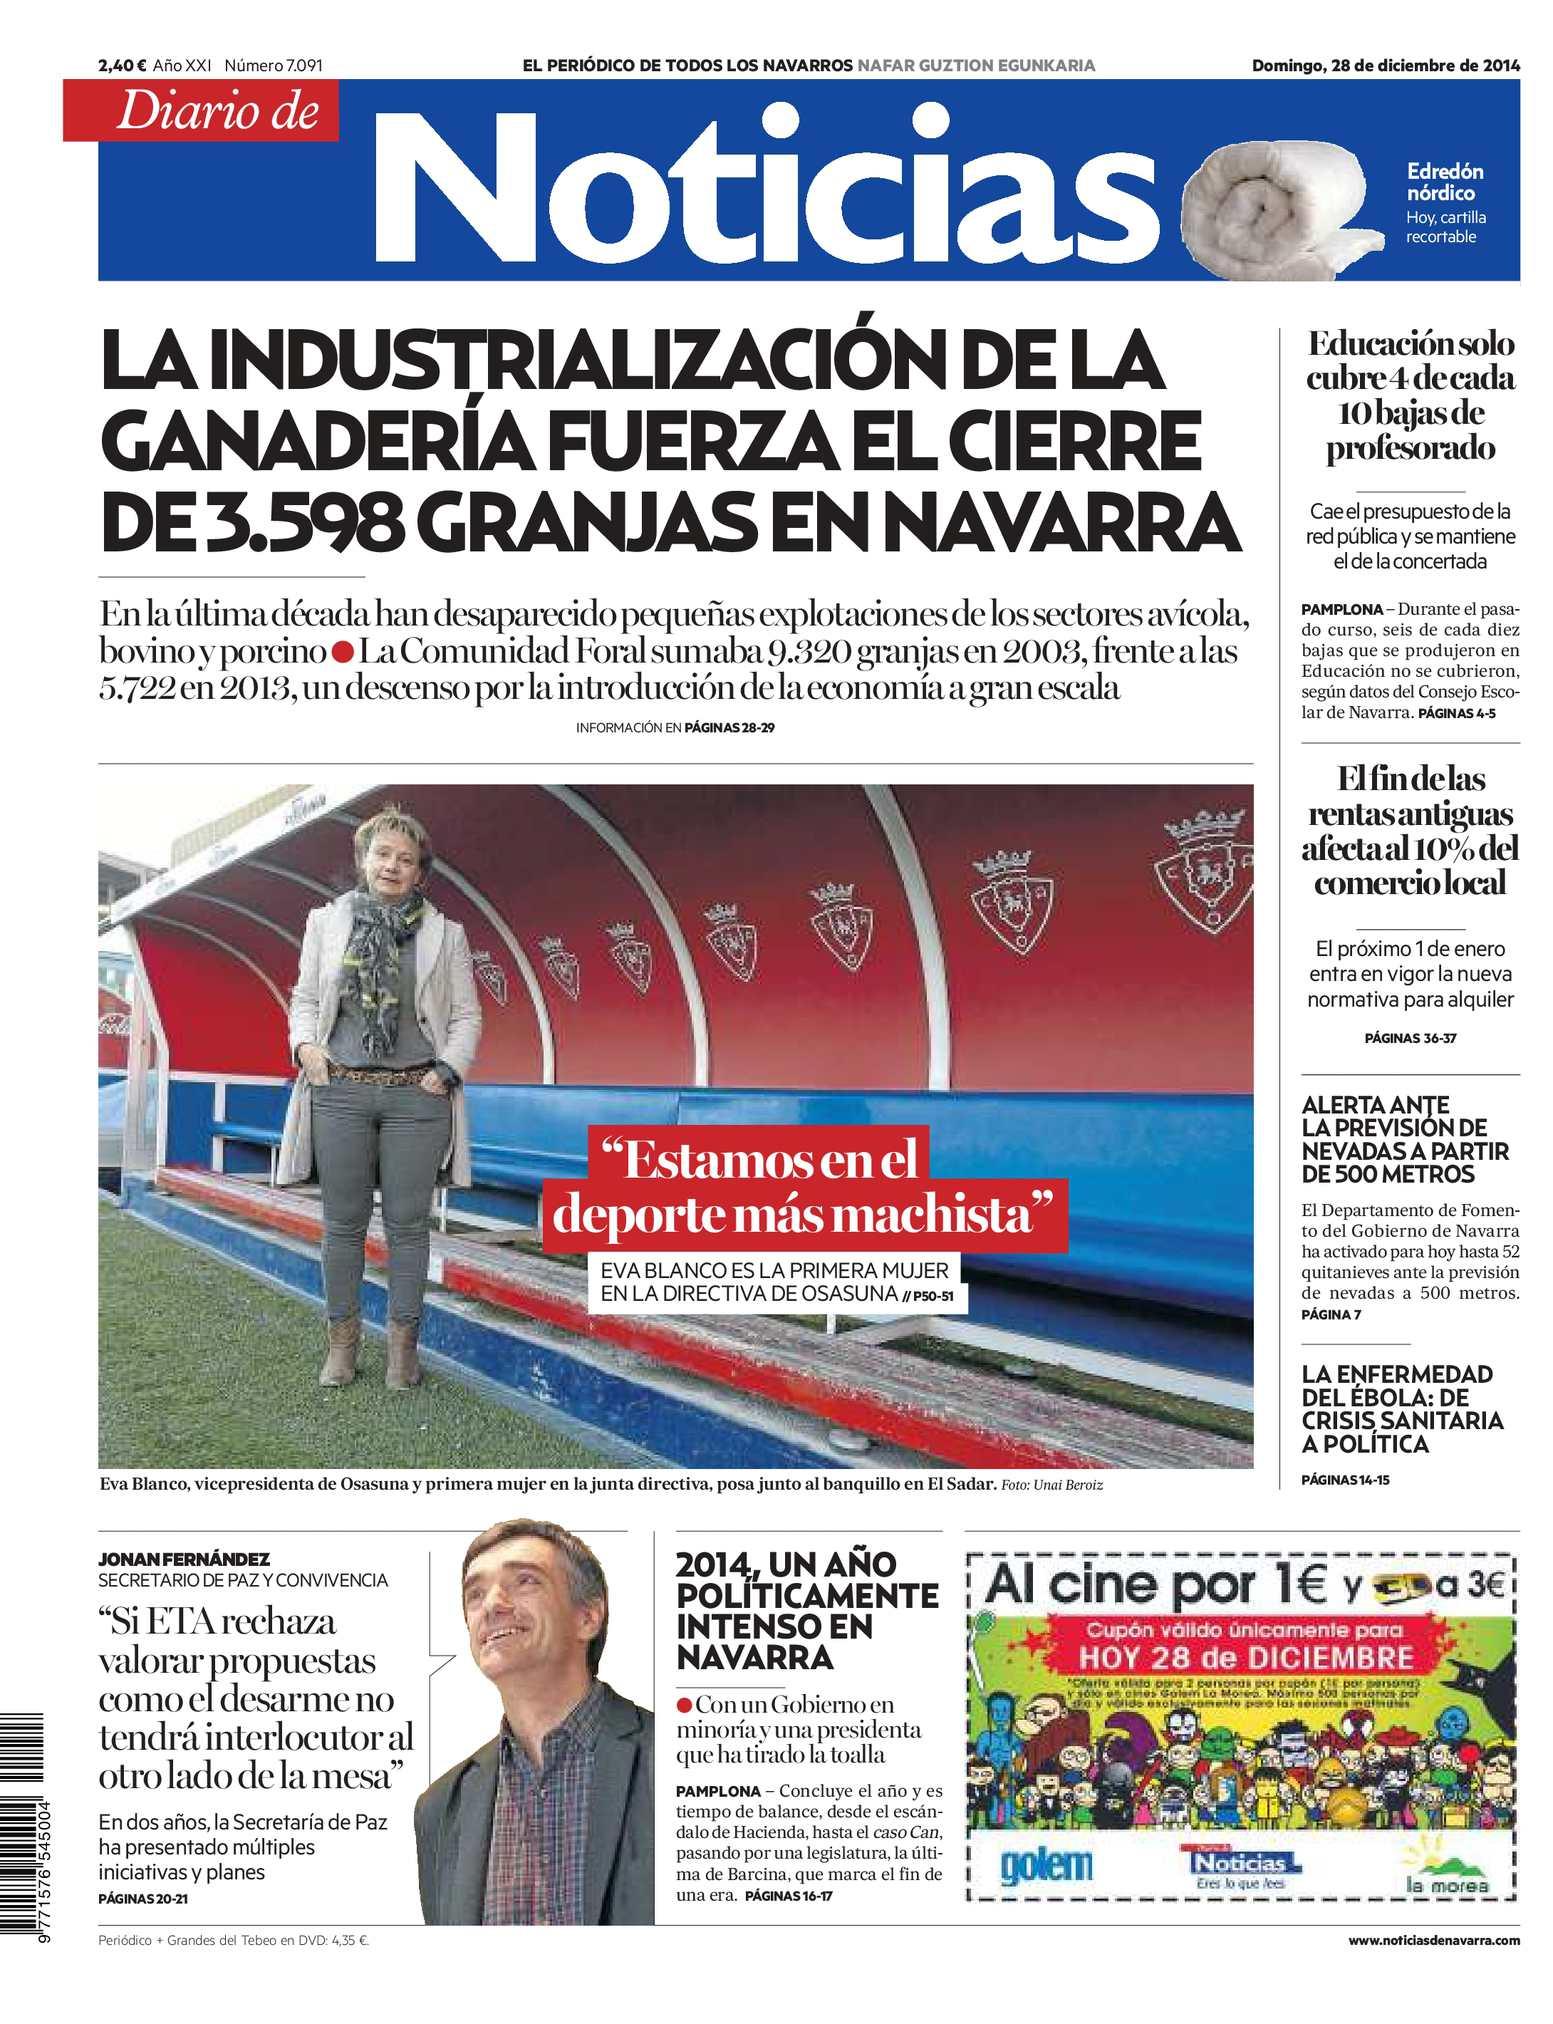 Calaméo - Diario de Noticias 20141228 a928ebad24352